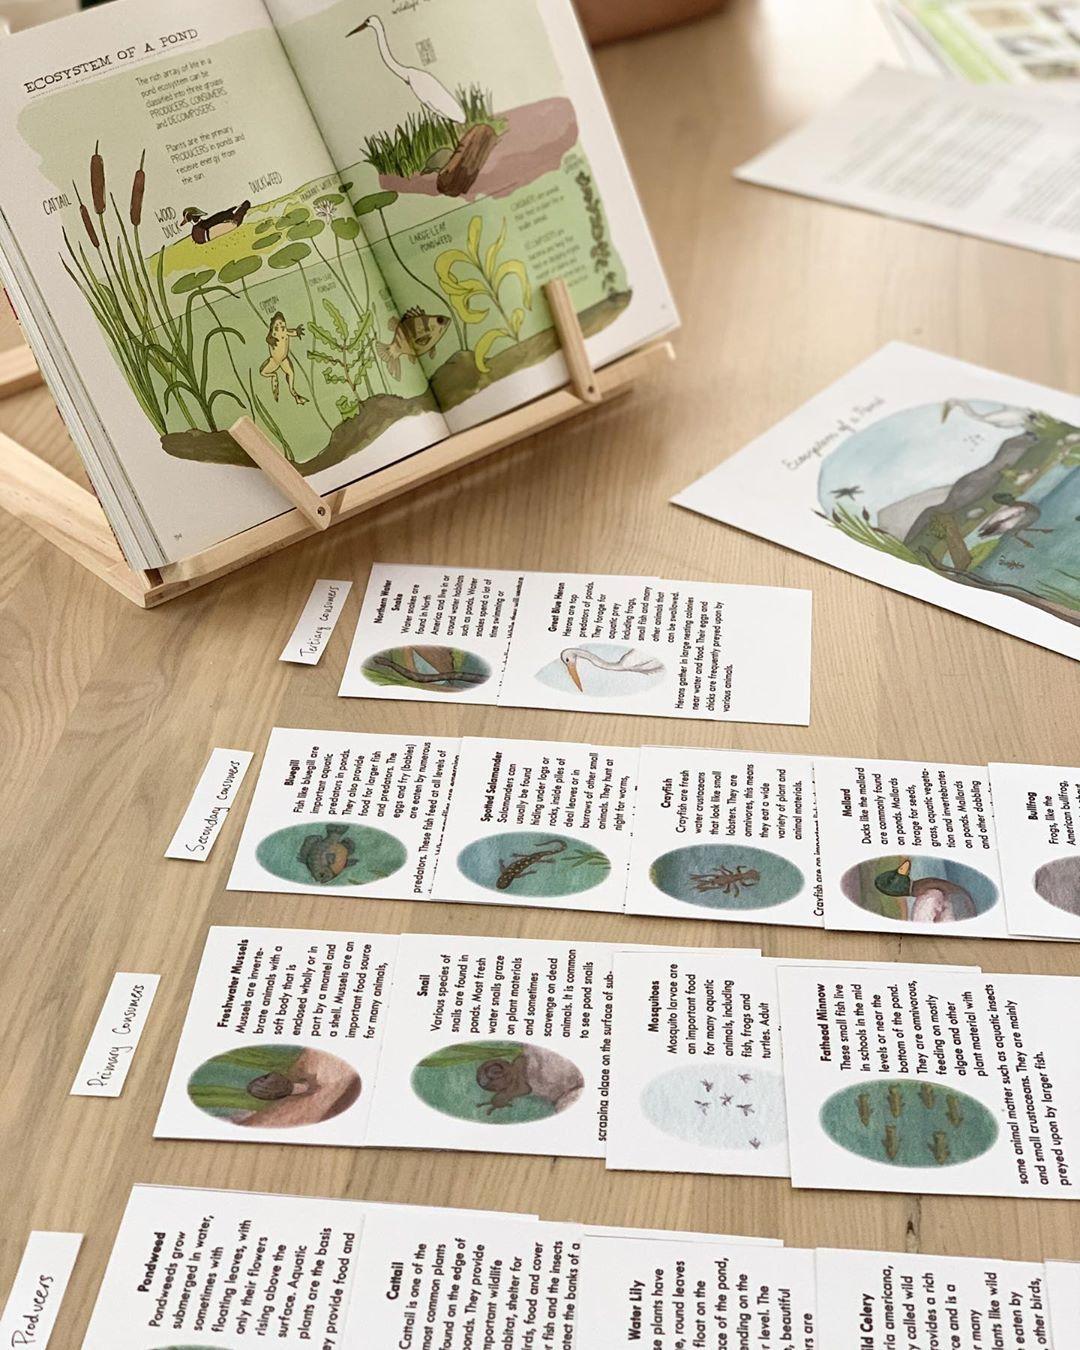 Pond Science Habitat Study Wild Nature Unit In